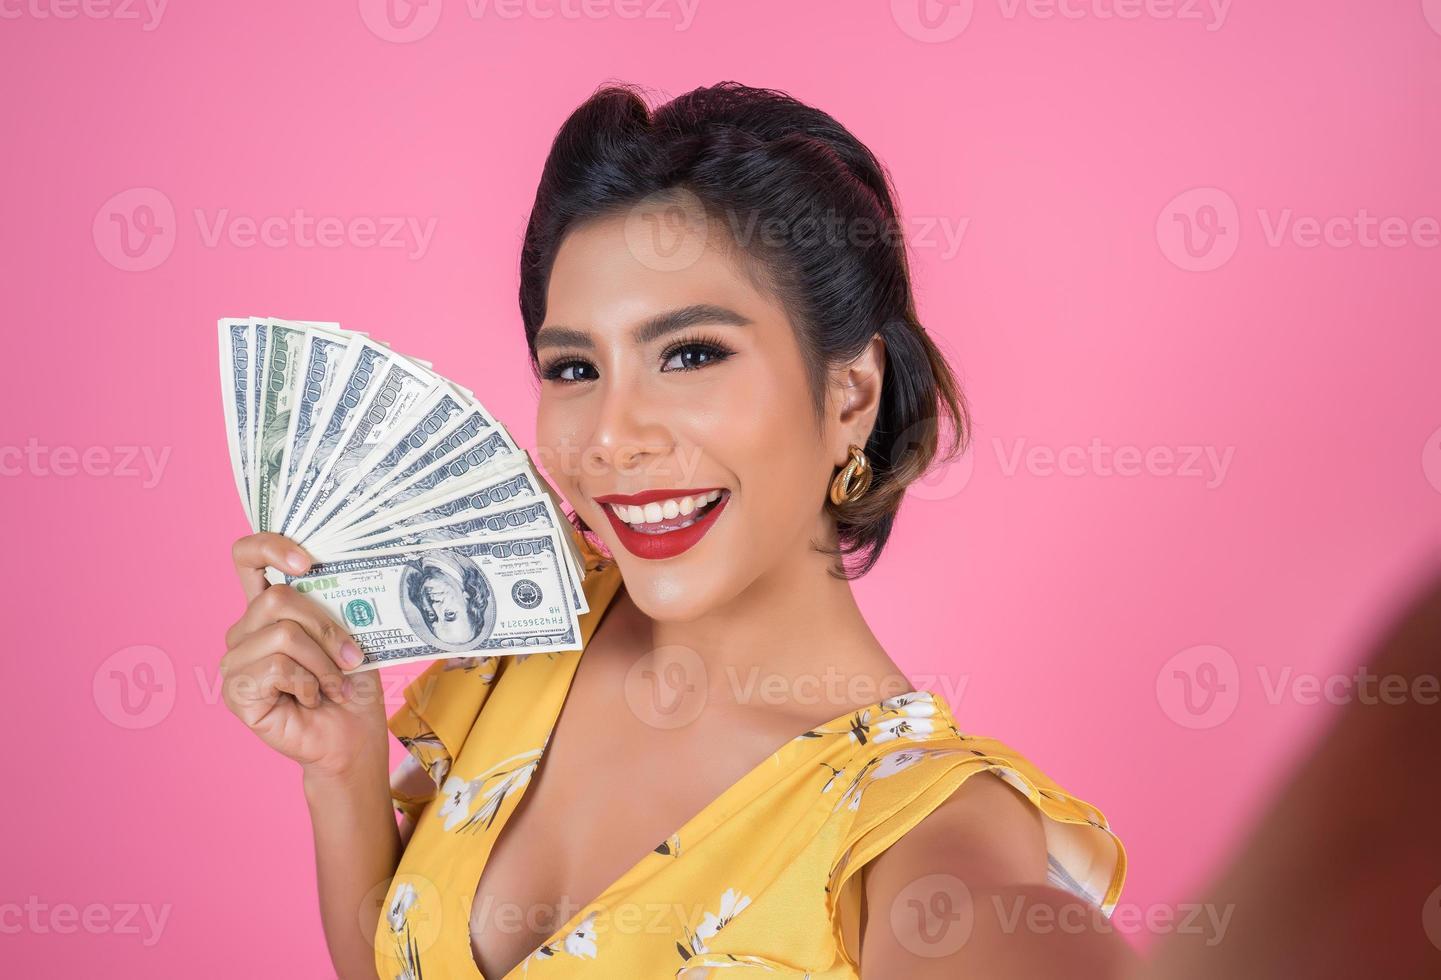 feliz mujer de moda con dinero para ir de compras foto